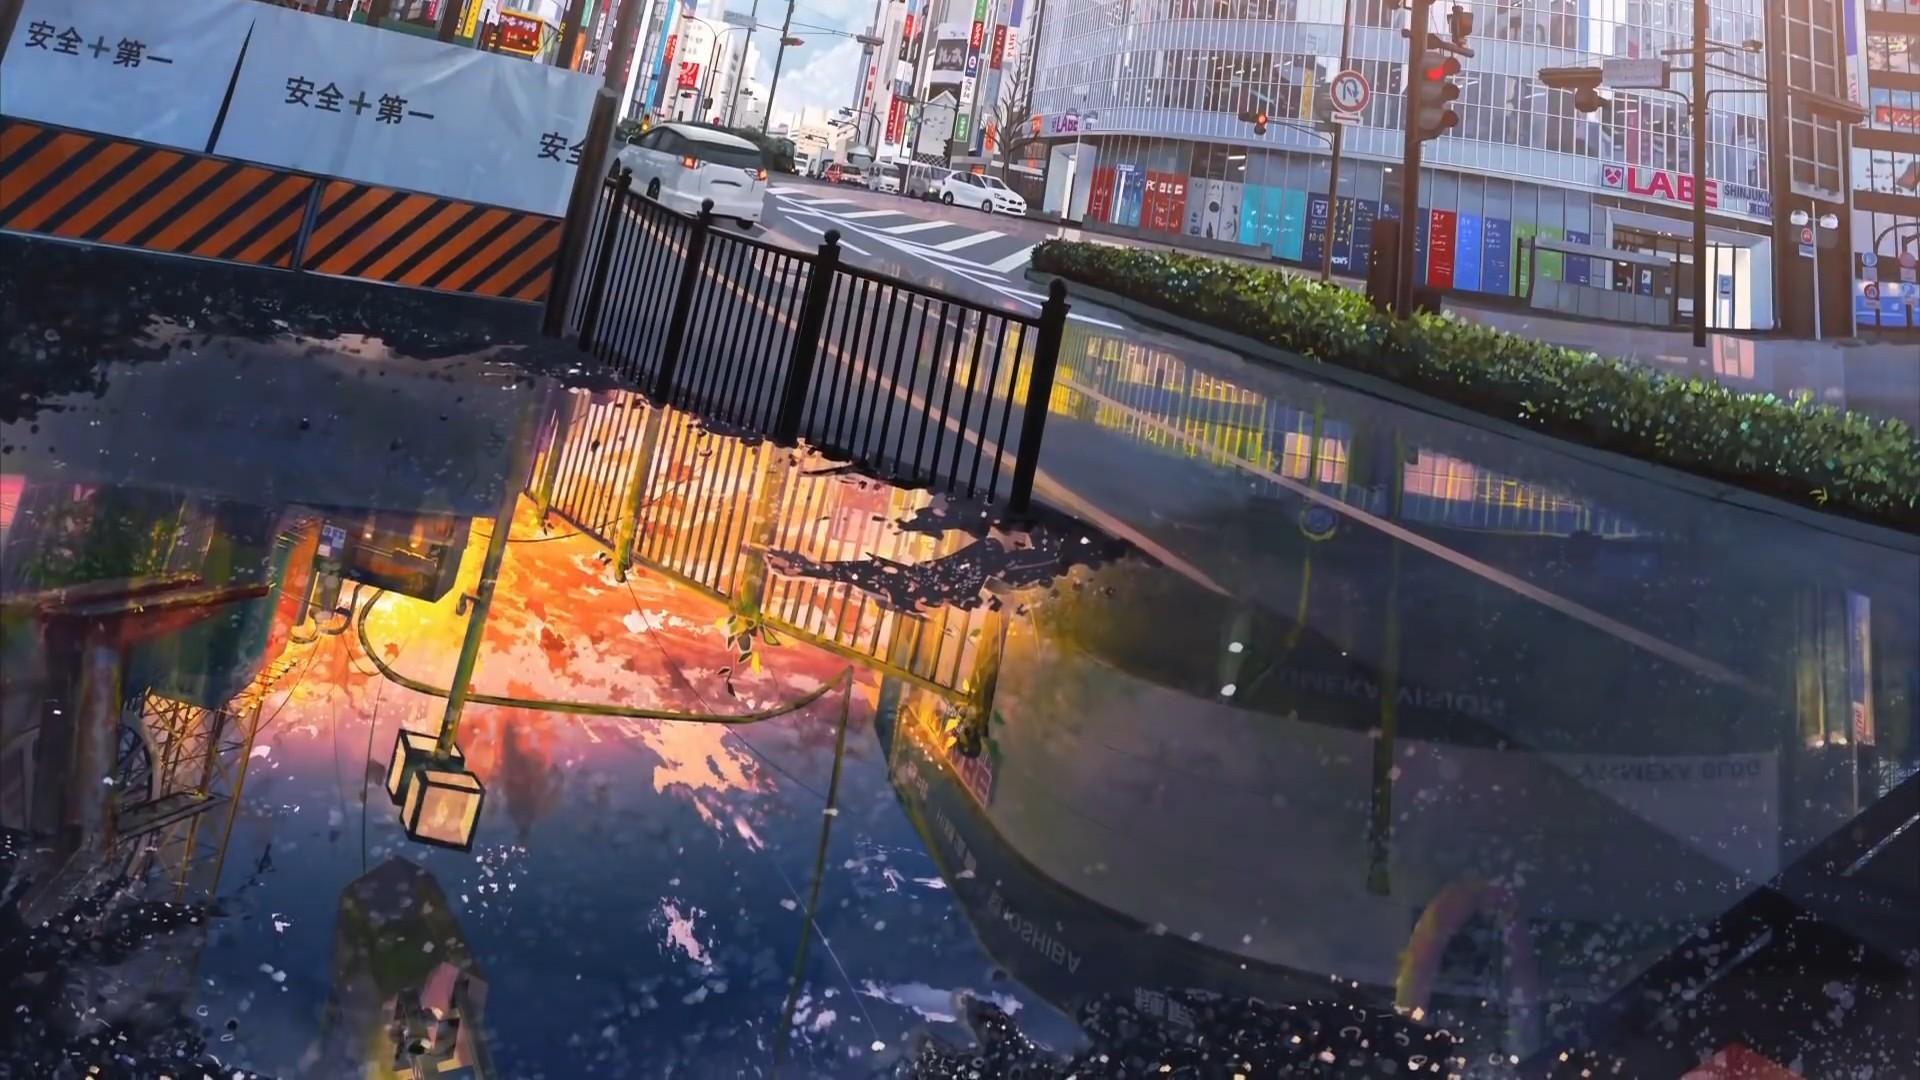 【动漫情报】banishment原创动画《落下生》概念映像公开